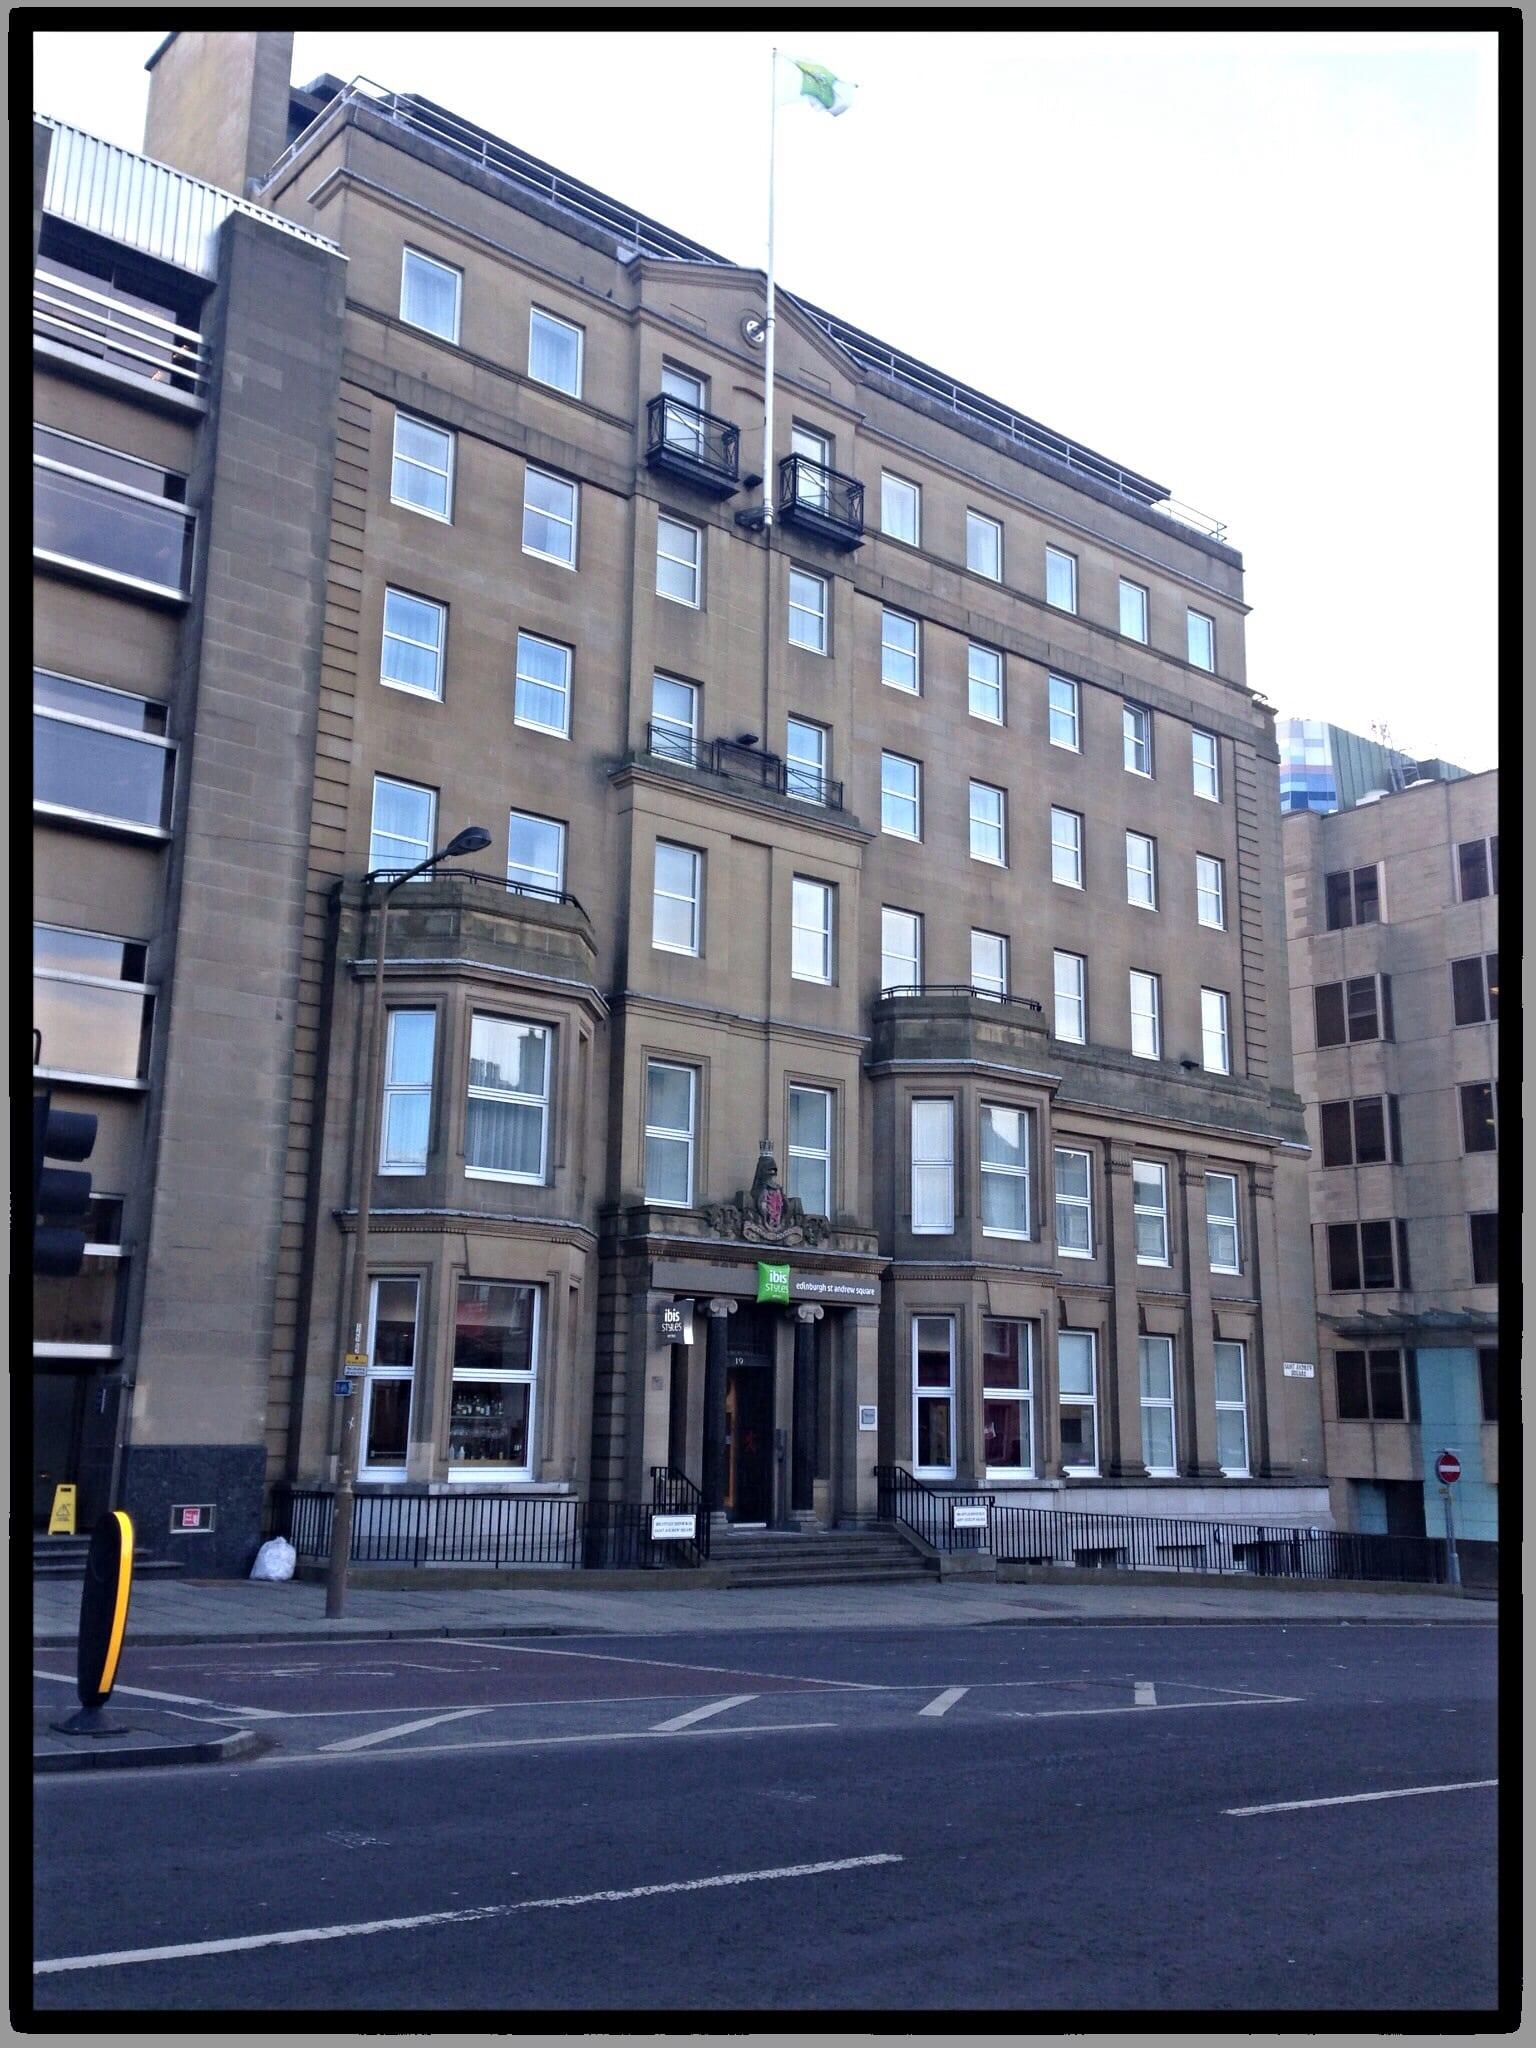 Ibis Hotel Edinburgh Centre St Andrew Square